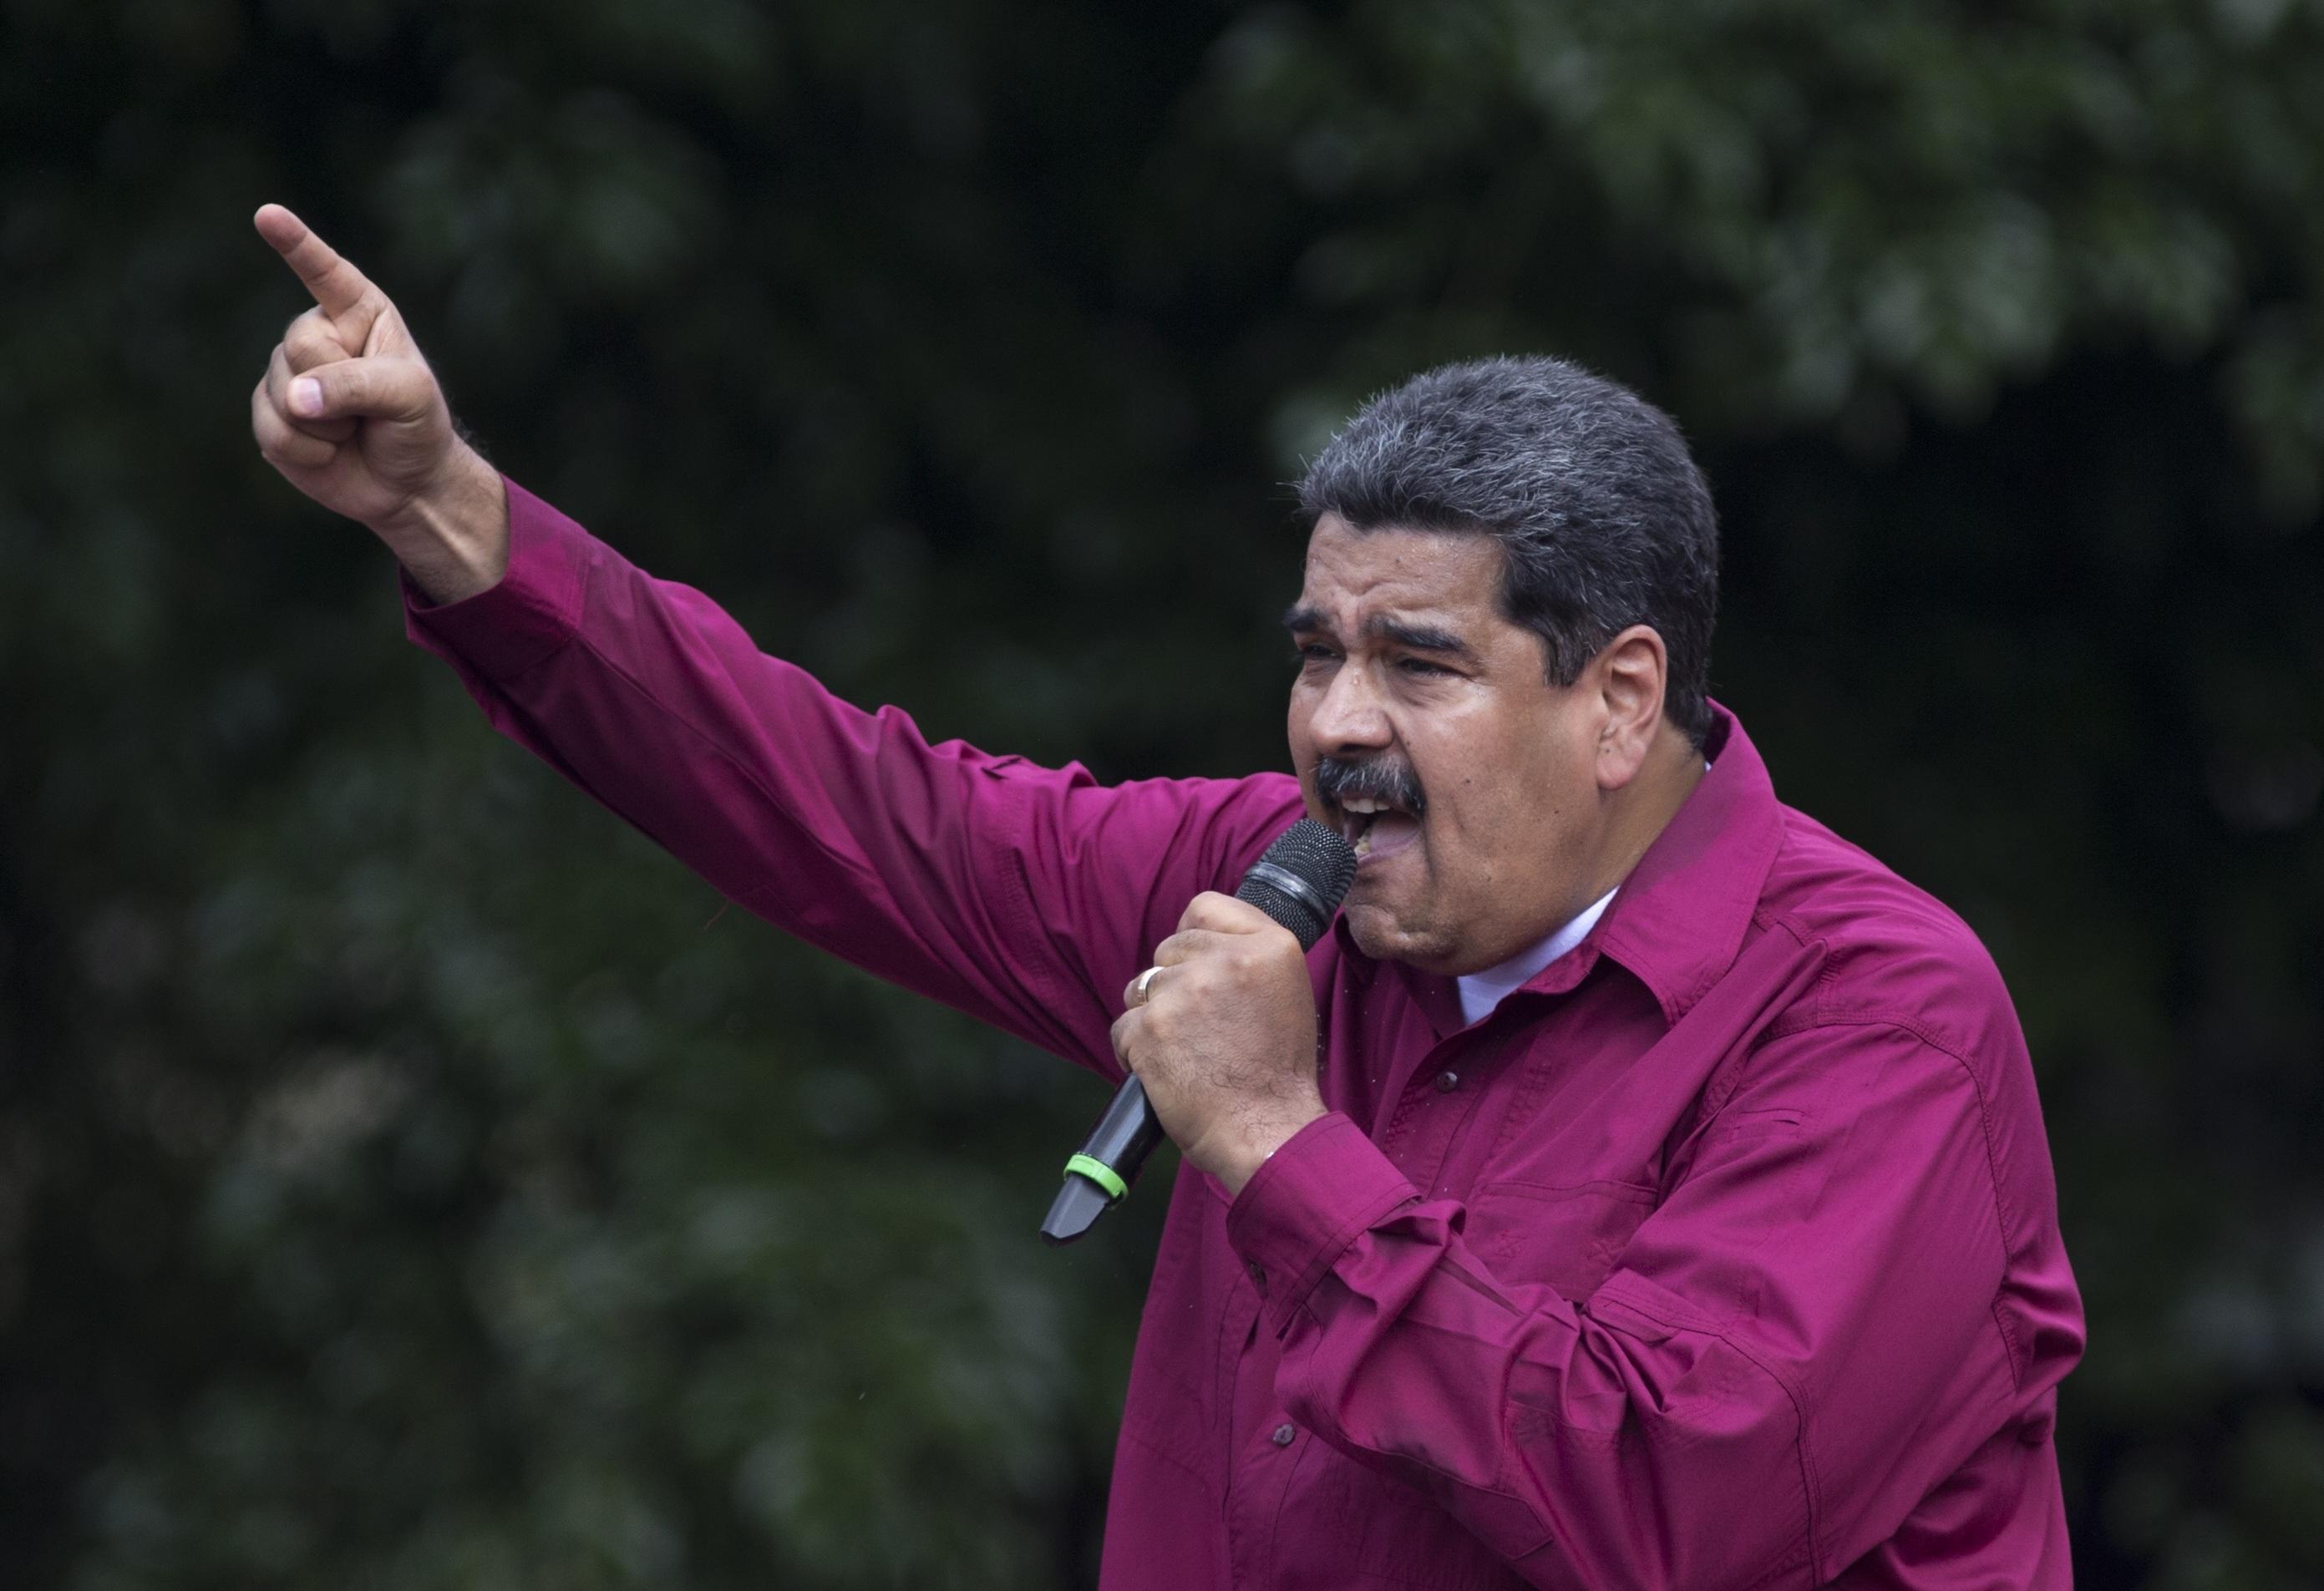 EEUU pide renuncia del presidente venezolano Nicolás Maduro